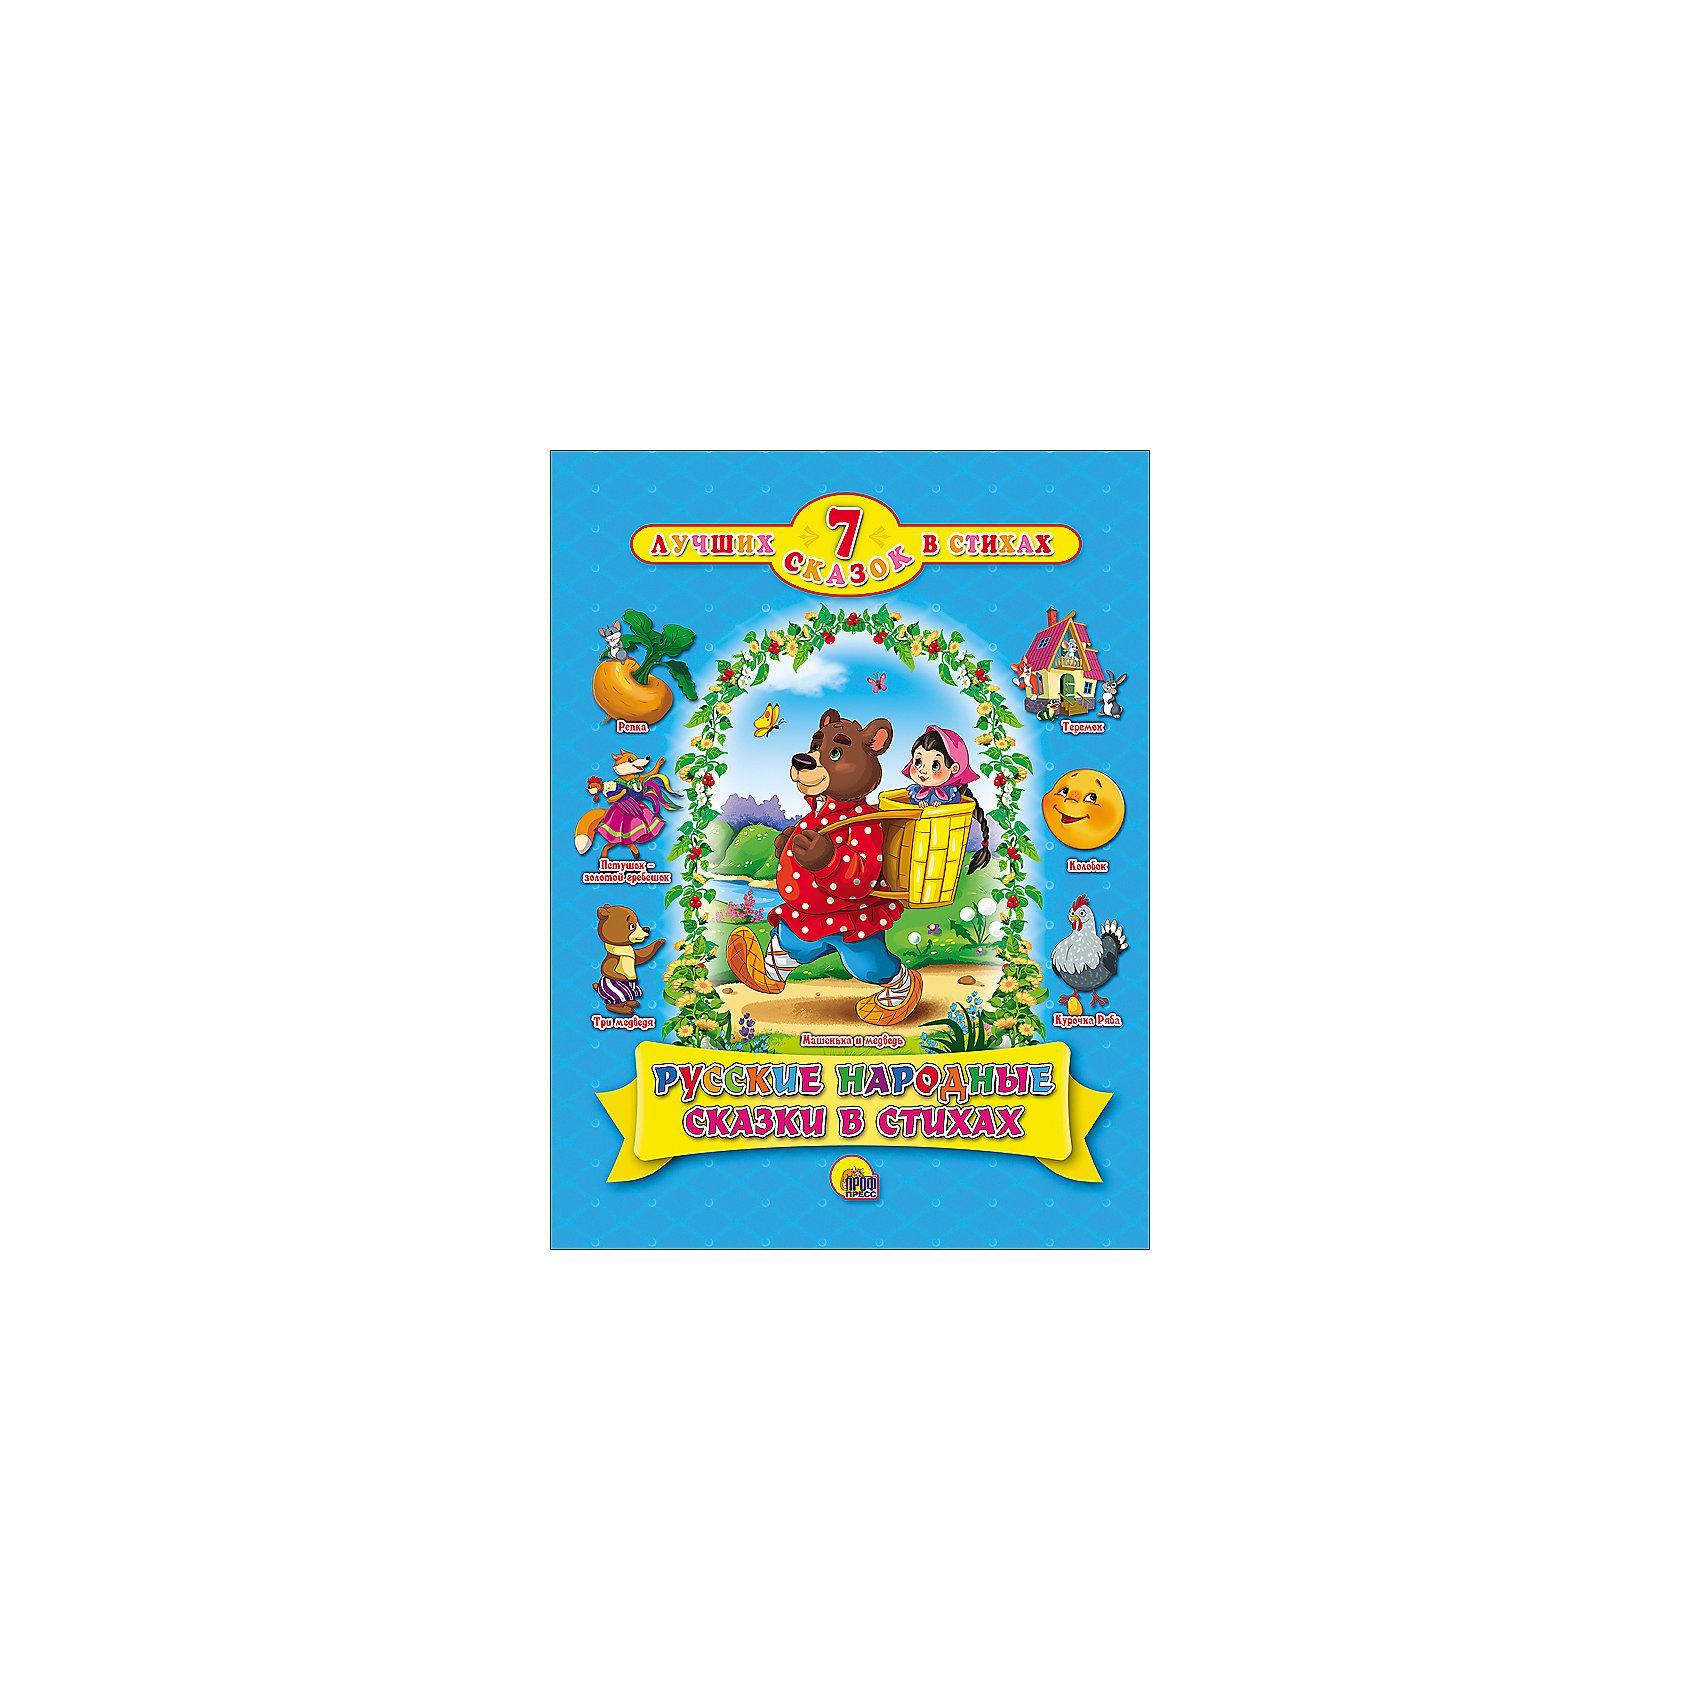 Проф-Пресс Русские народные сказки в стихах, 7 сказок в стихах книги издательство аст чудесные сказки в стихах